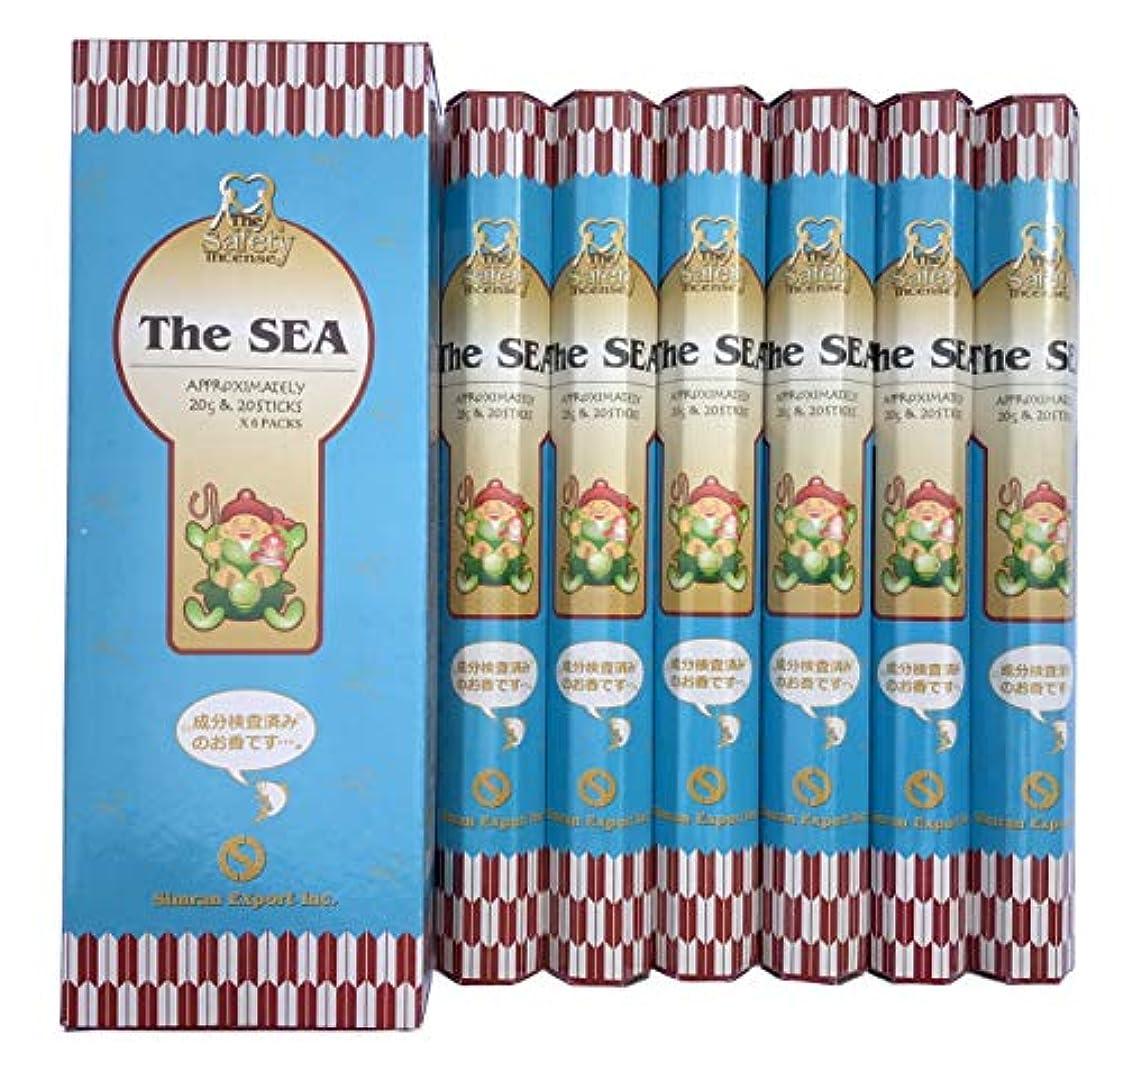 無臭残酷な連鎖インド香 The SEA ザ?シー 潮風の香り スティック 6個セット シムラン社 成分検査済み